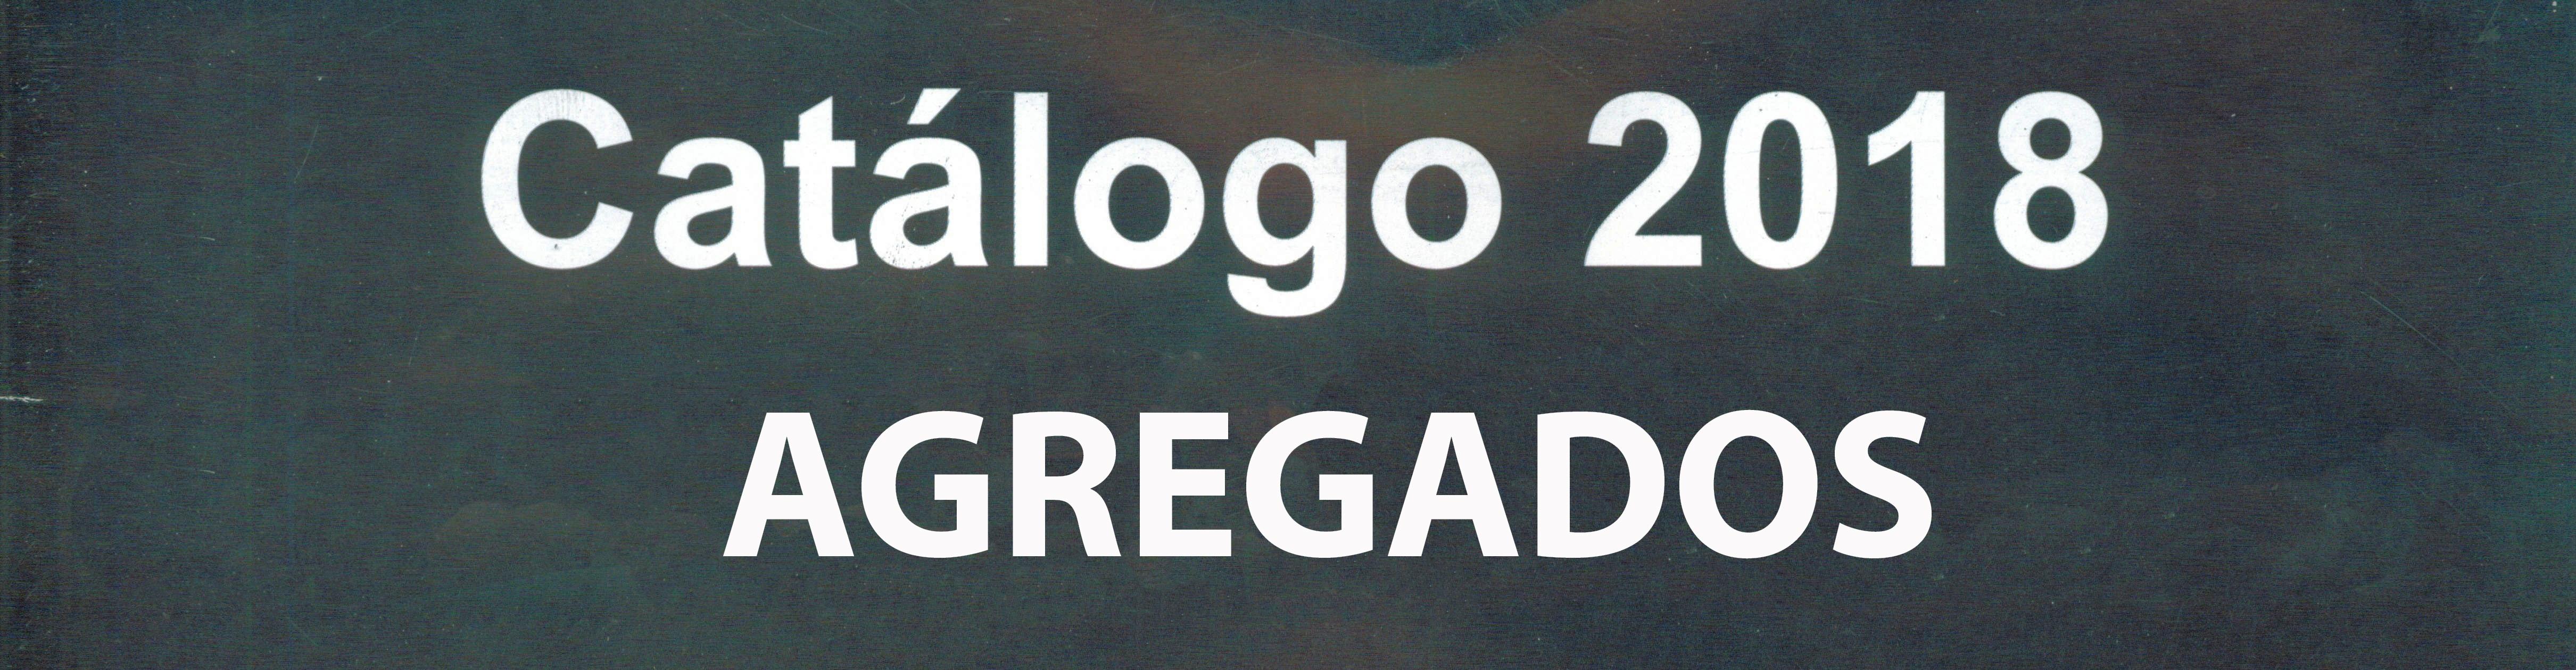 AGREGADOS CATALOGO 2018 (FEBRERO 2020)